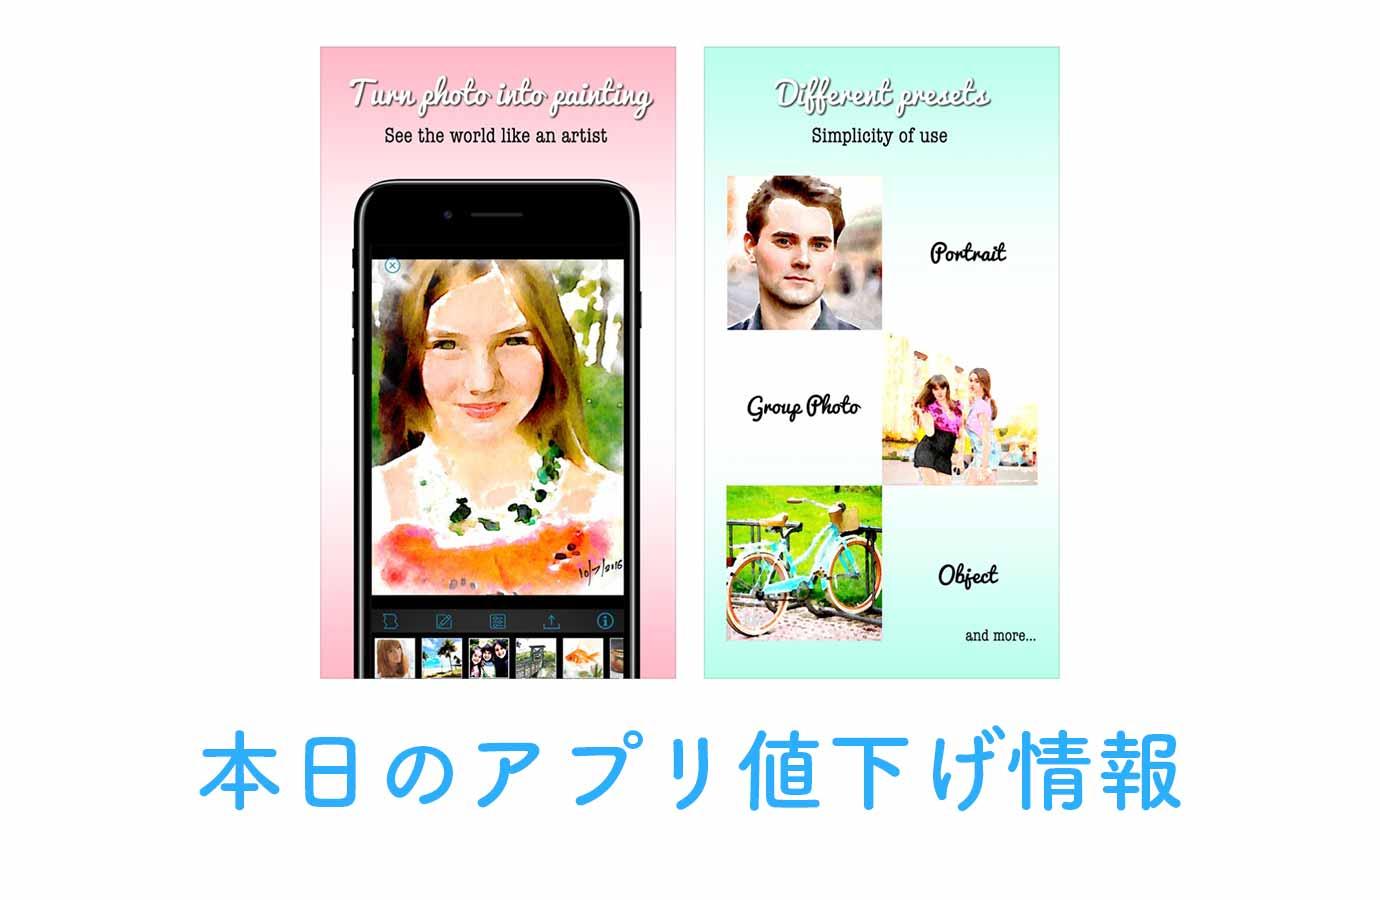 1,200円→無料!写真を水彩画風に加工できるアプリ「Paint logue」など【10/30】アプリ値下げ情報